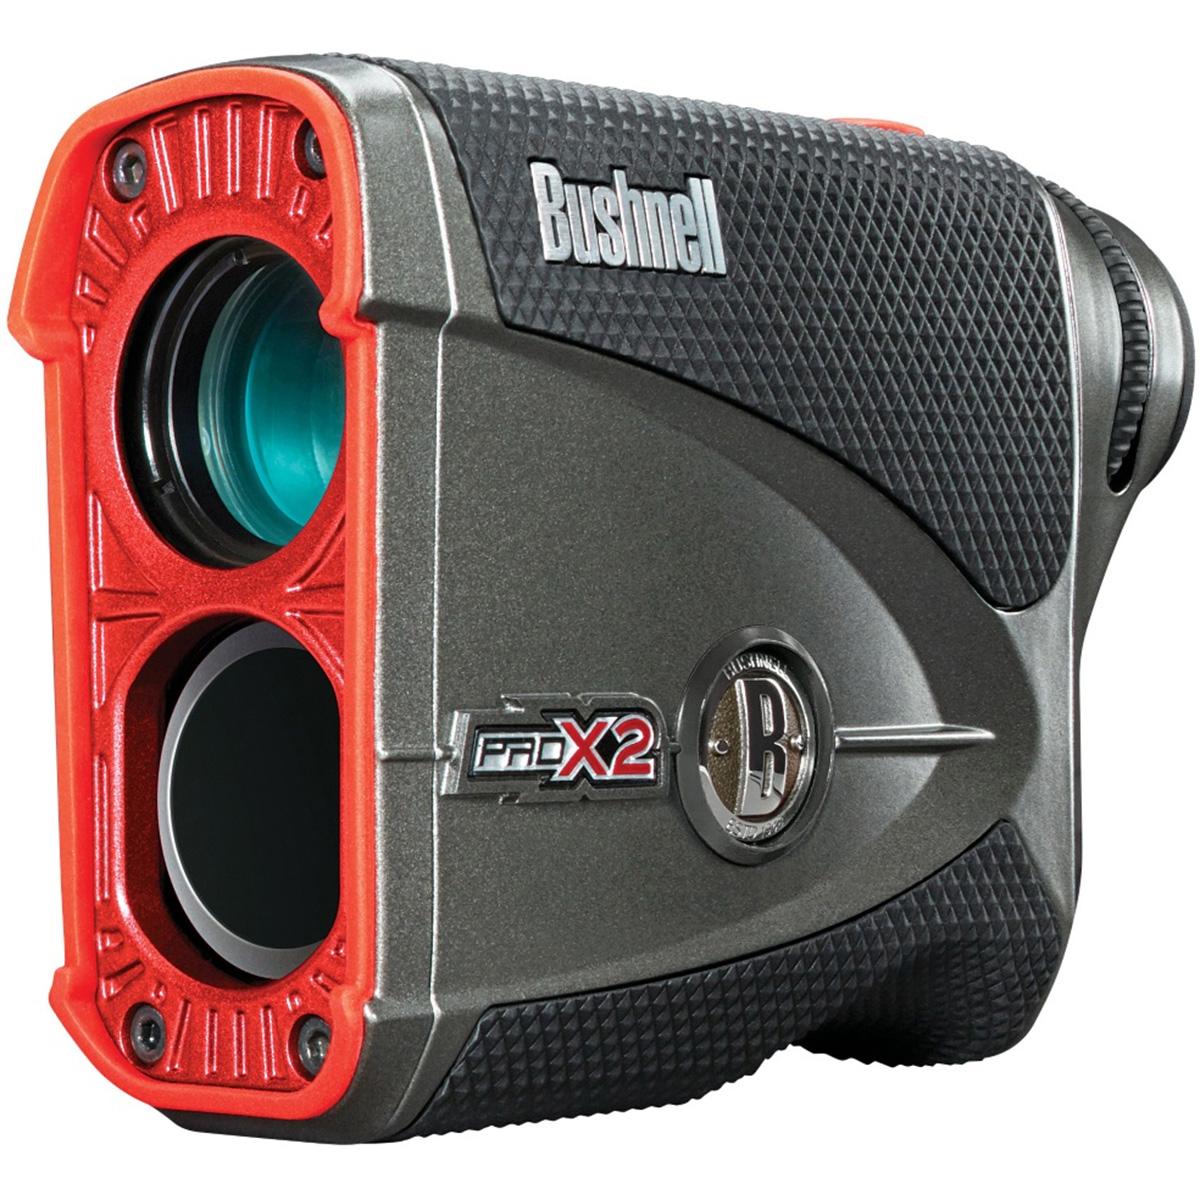 ピンシーカープロX2ジョルト ゴルフ用レーザー距離計